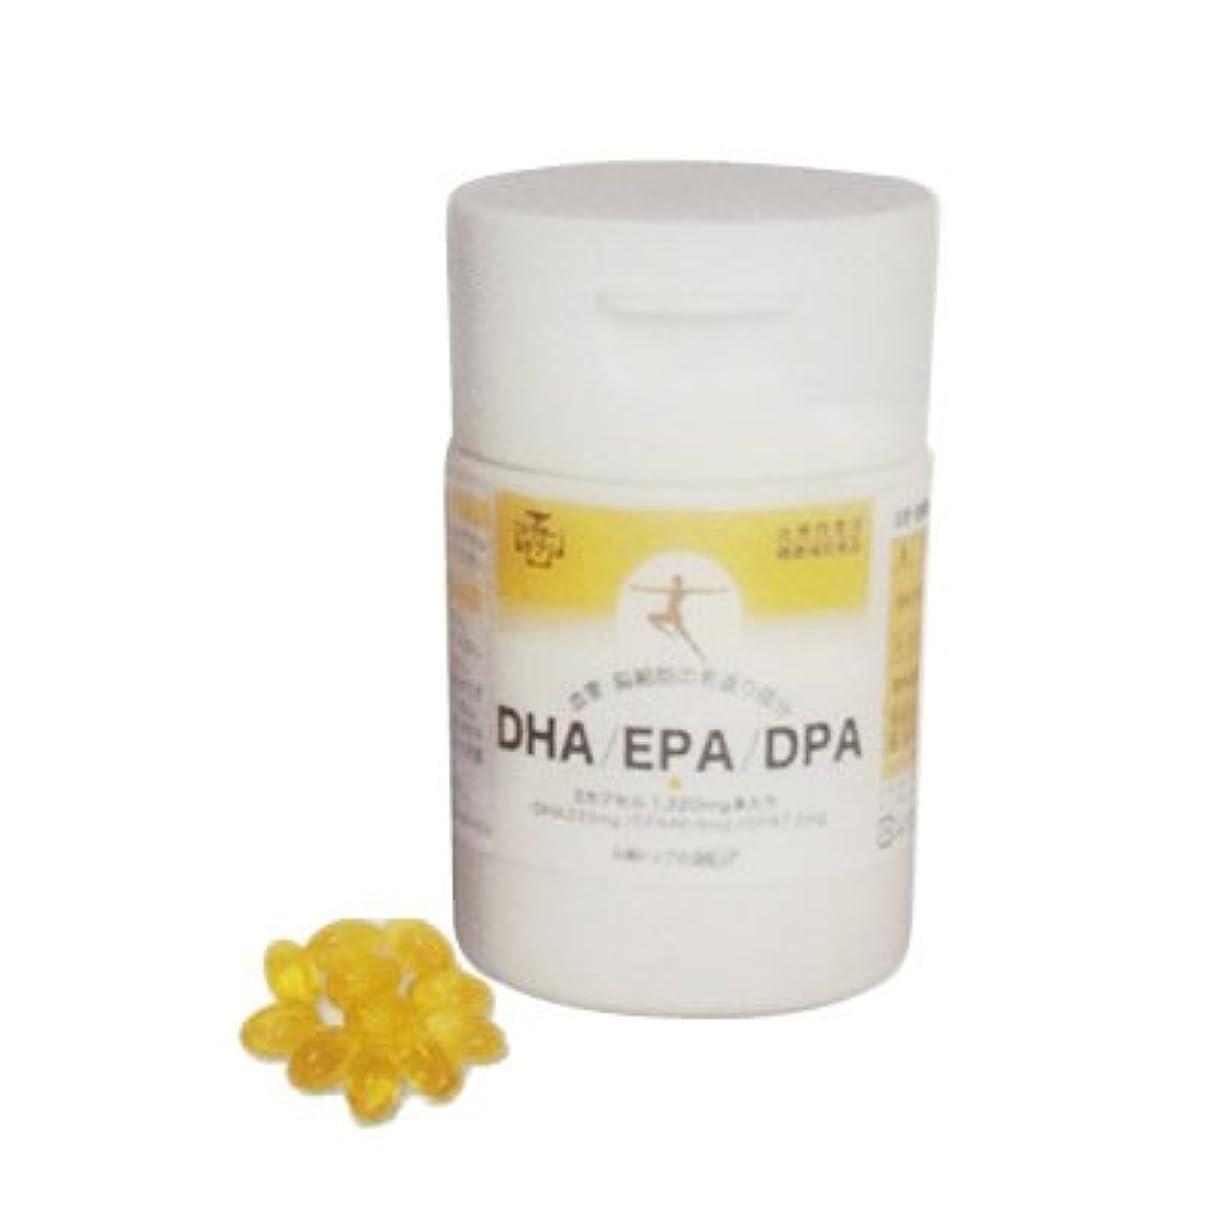 同意比類のないピボットDHA/EPA/DPA 400mg×90カプセル(ドクターサプリ/健康補助食品シリーズ)